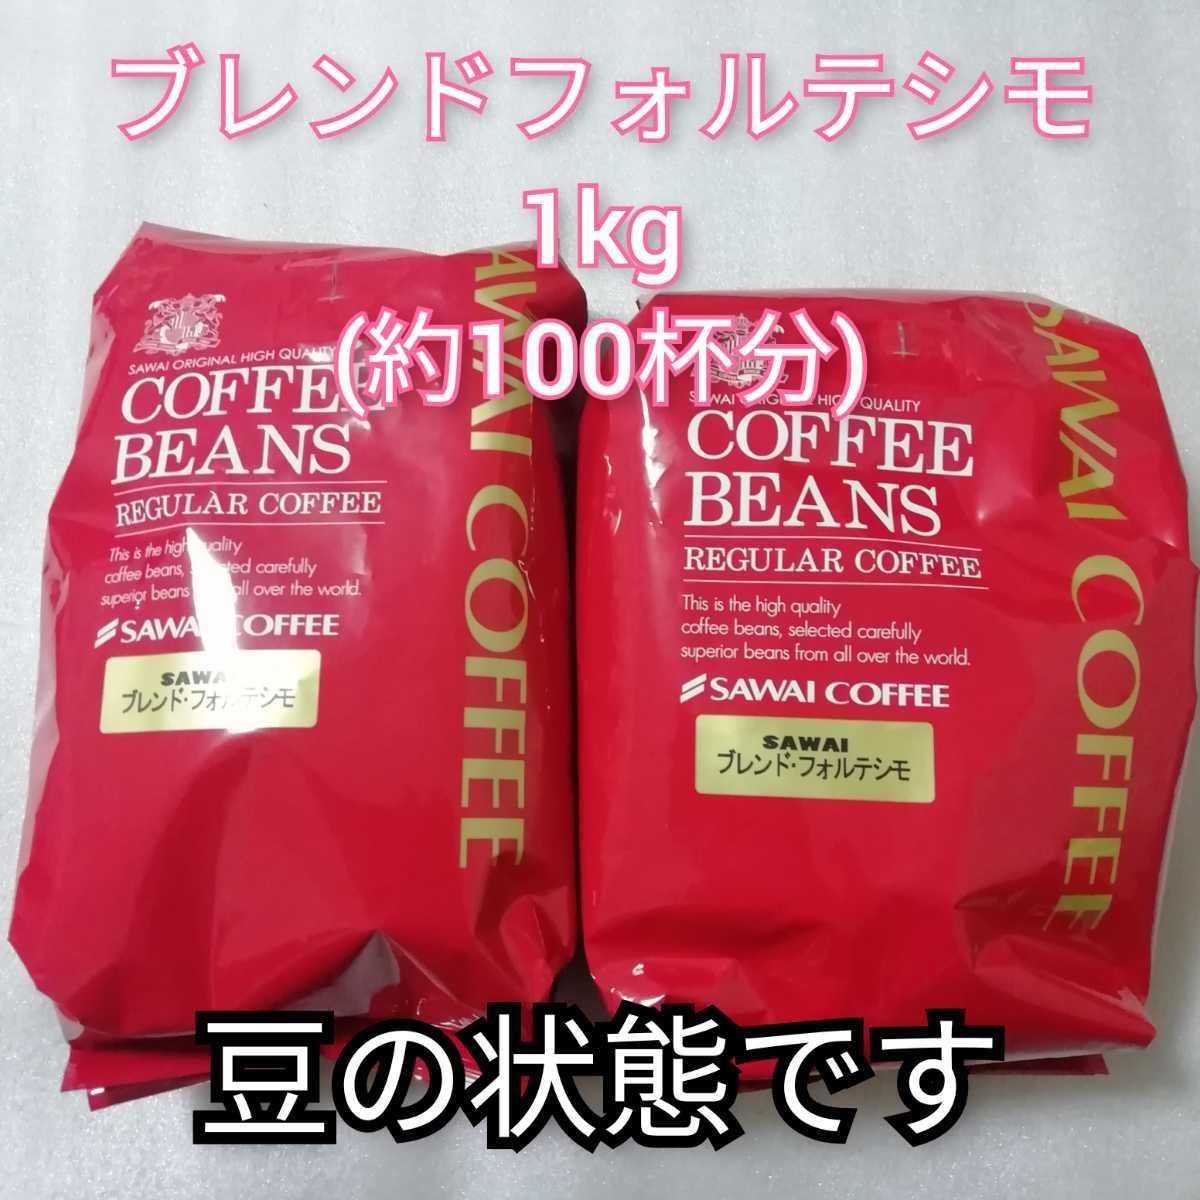 豆のまま ブレンドフォルテシモ 2袋 1kg 1袋500g 澤井珈琲 レギュラーコーヒー 豆の状態 豆 コーヒー コーヒー豆_画像1